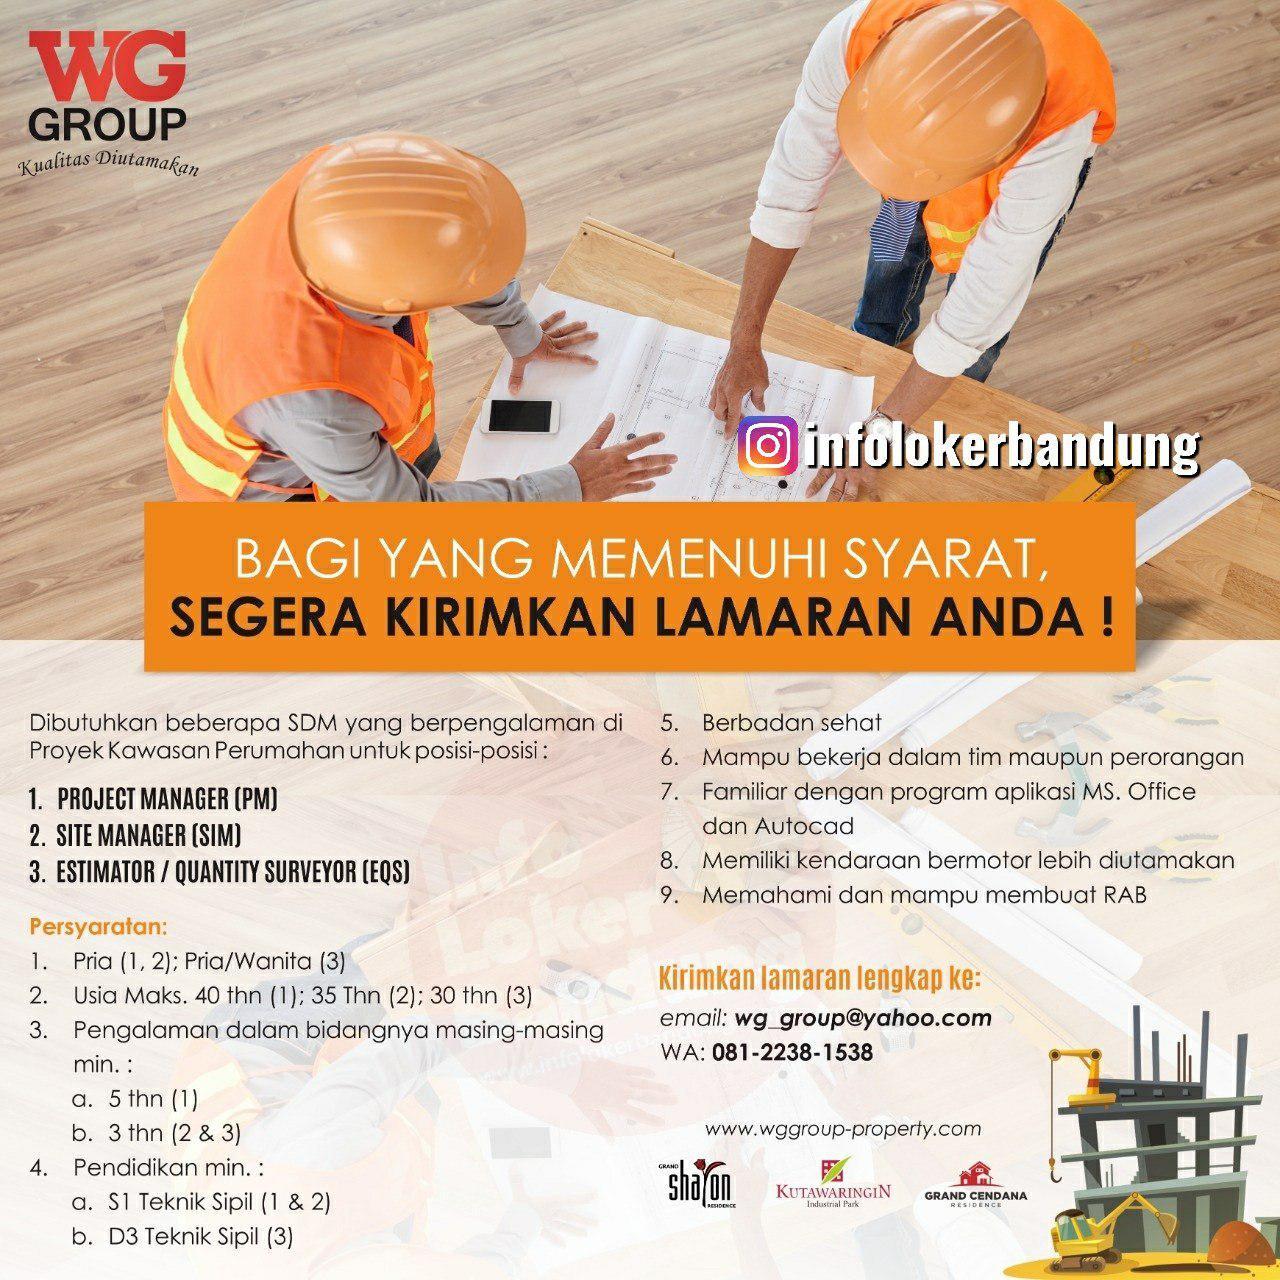 Lowongan Kerja WG Group Property Bandung Desember 2019